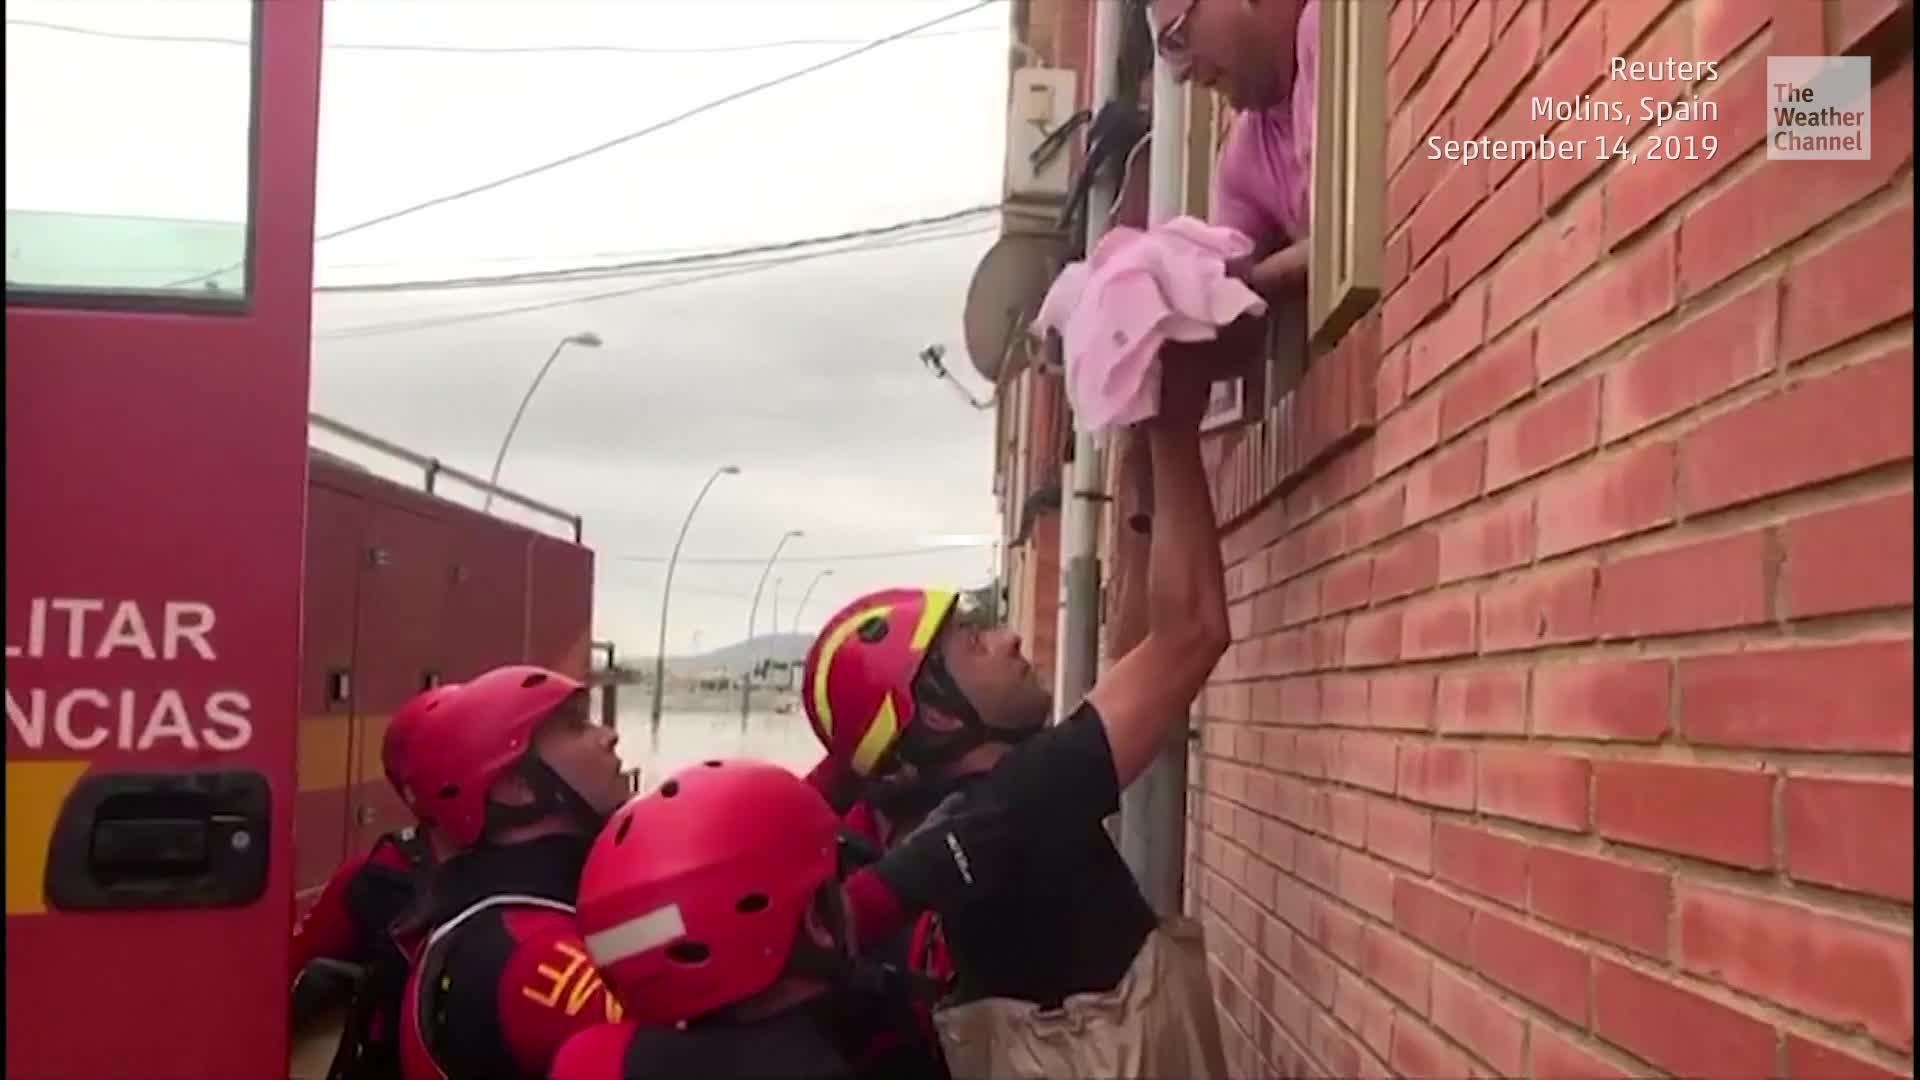 Un bebé y varios niños fueron rescatados de un edificio inundado durante el fin de semana en Orihuela, España, una de las ciudades que ha registrado niveles récord de lluvia en los últimos días.